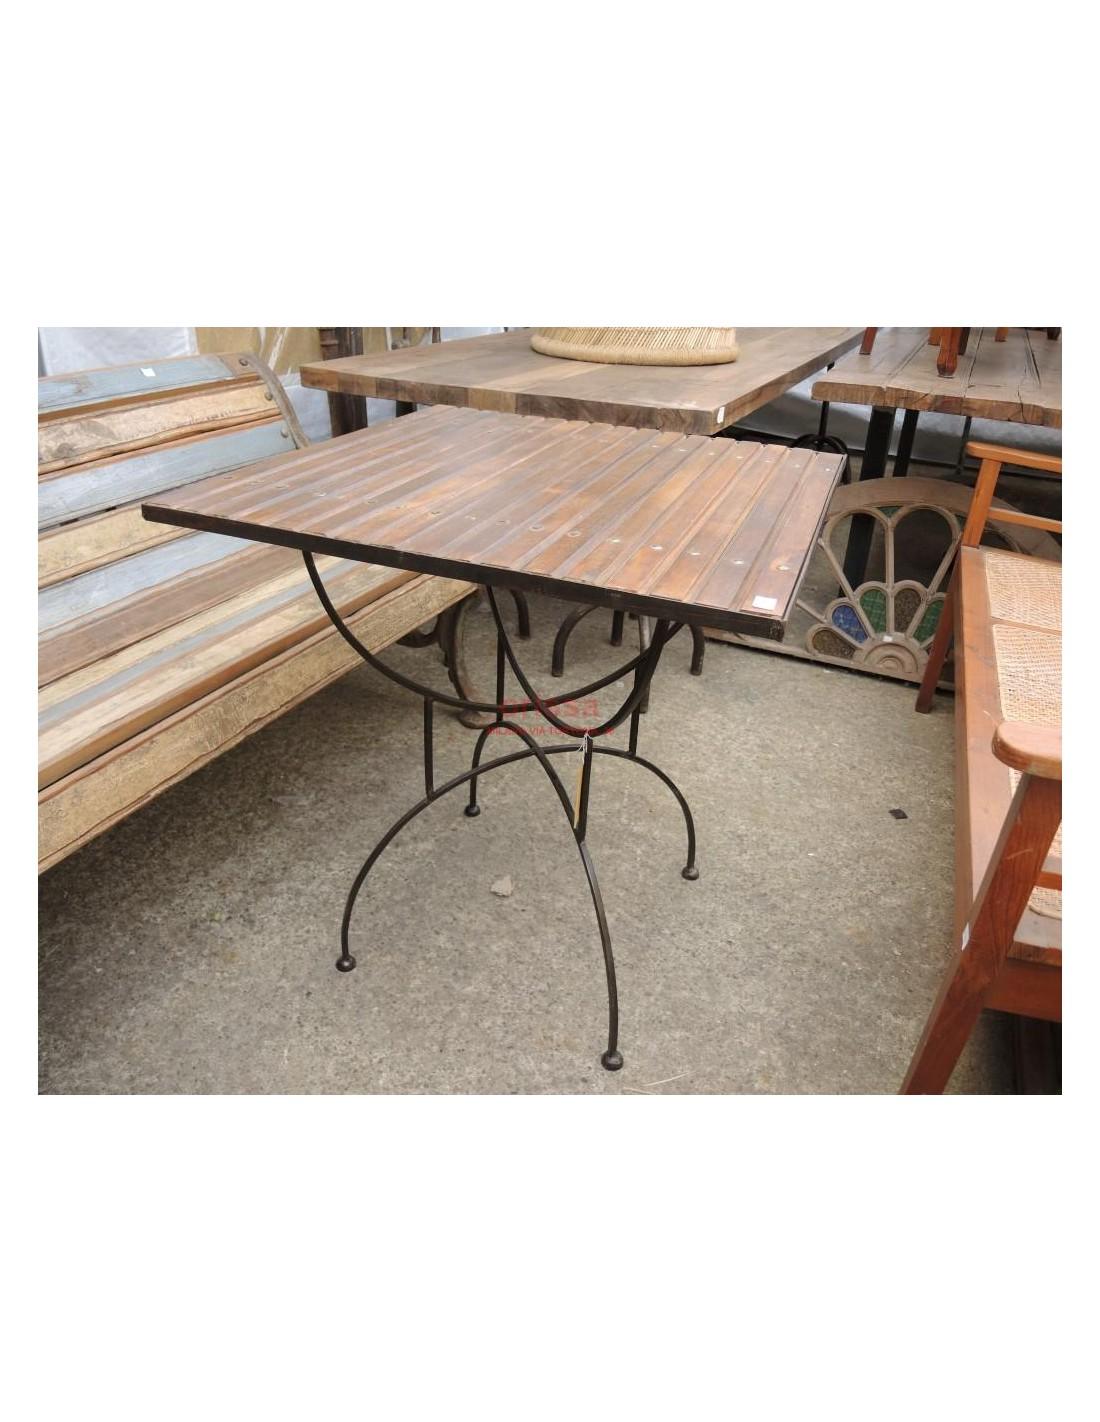 Tavolo base ferro piano legno per esterno per terrazzi c0531 orissa milano - Tavolo legno e ferro ...